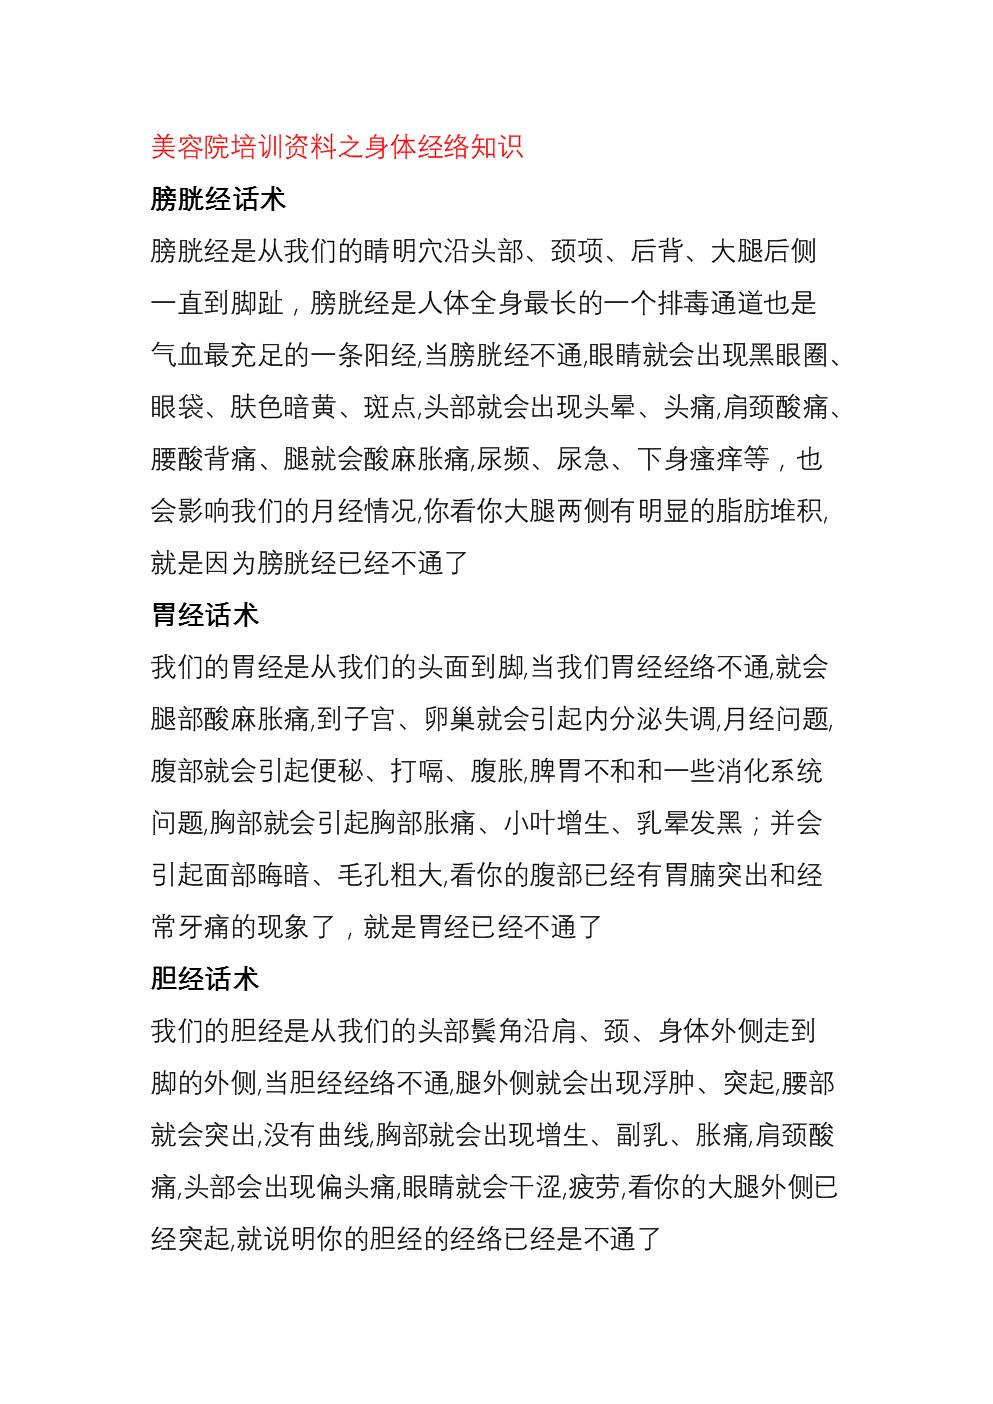 美容院培训资料之身体经络知识.docx